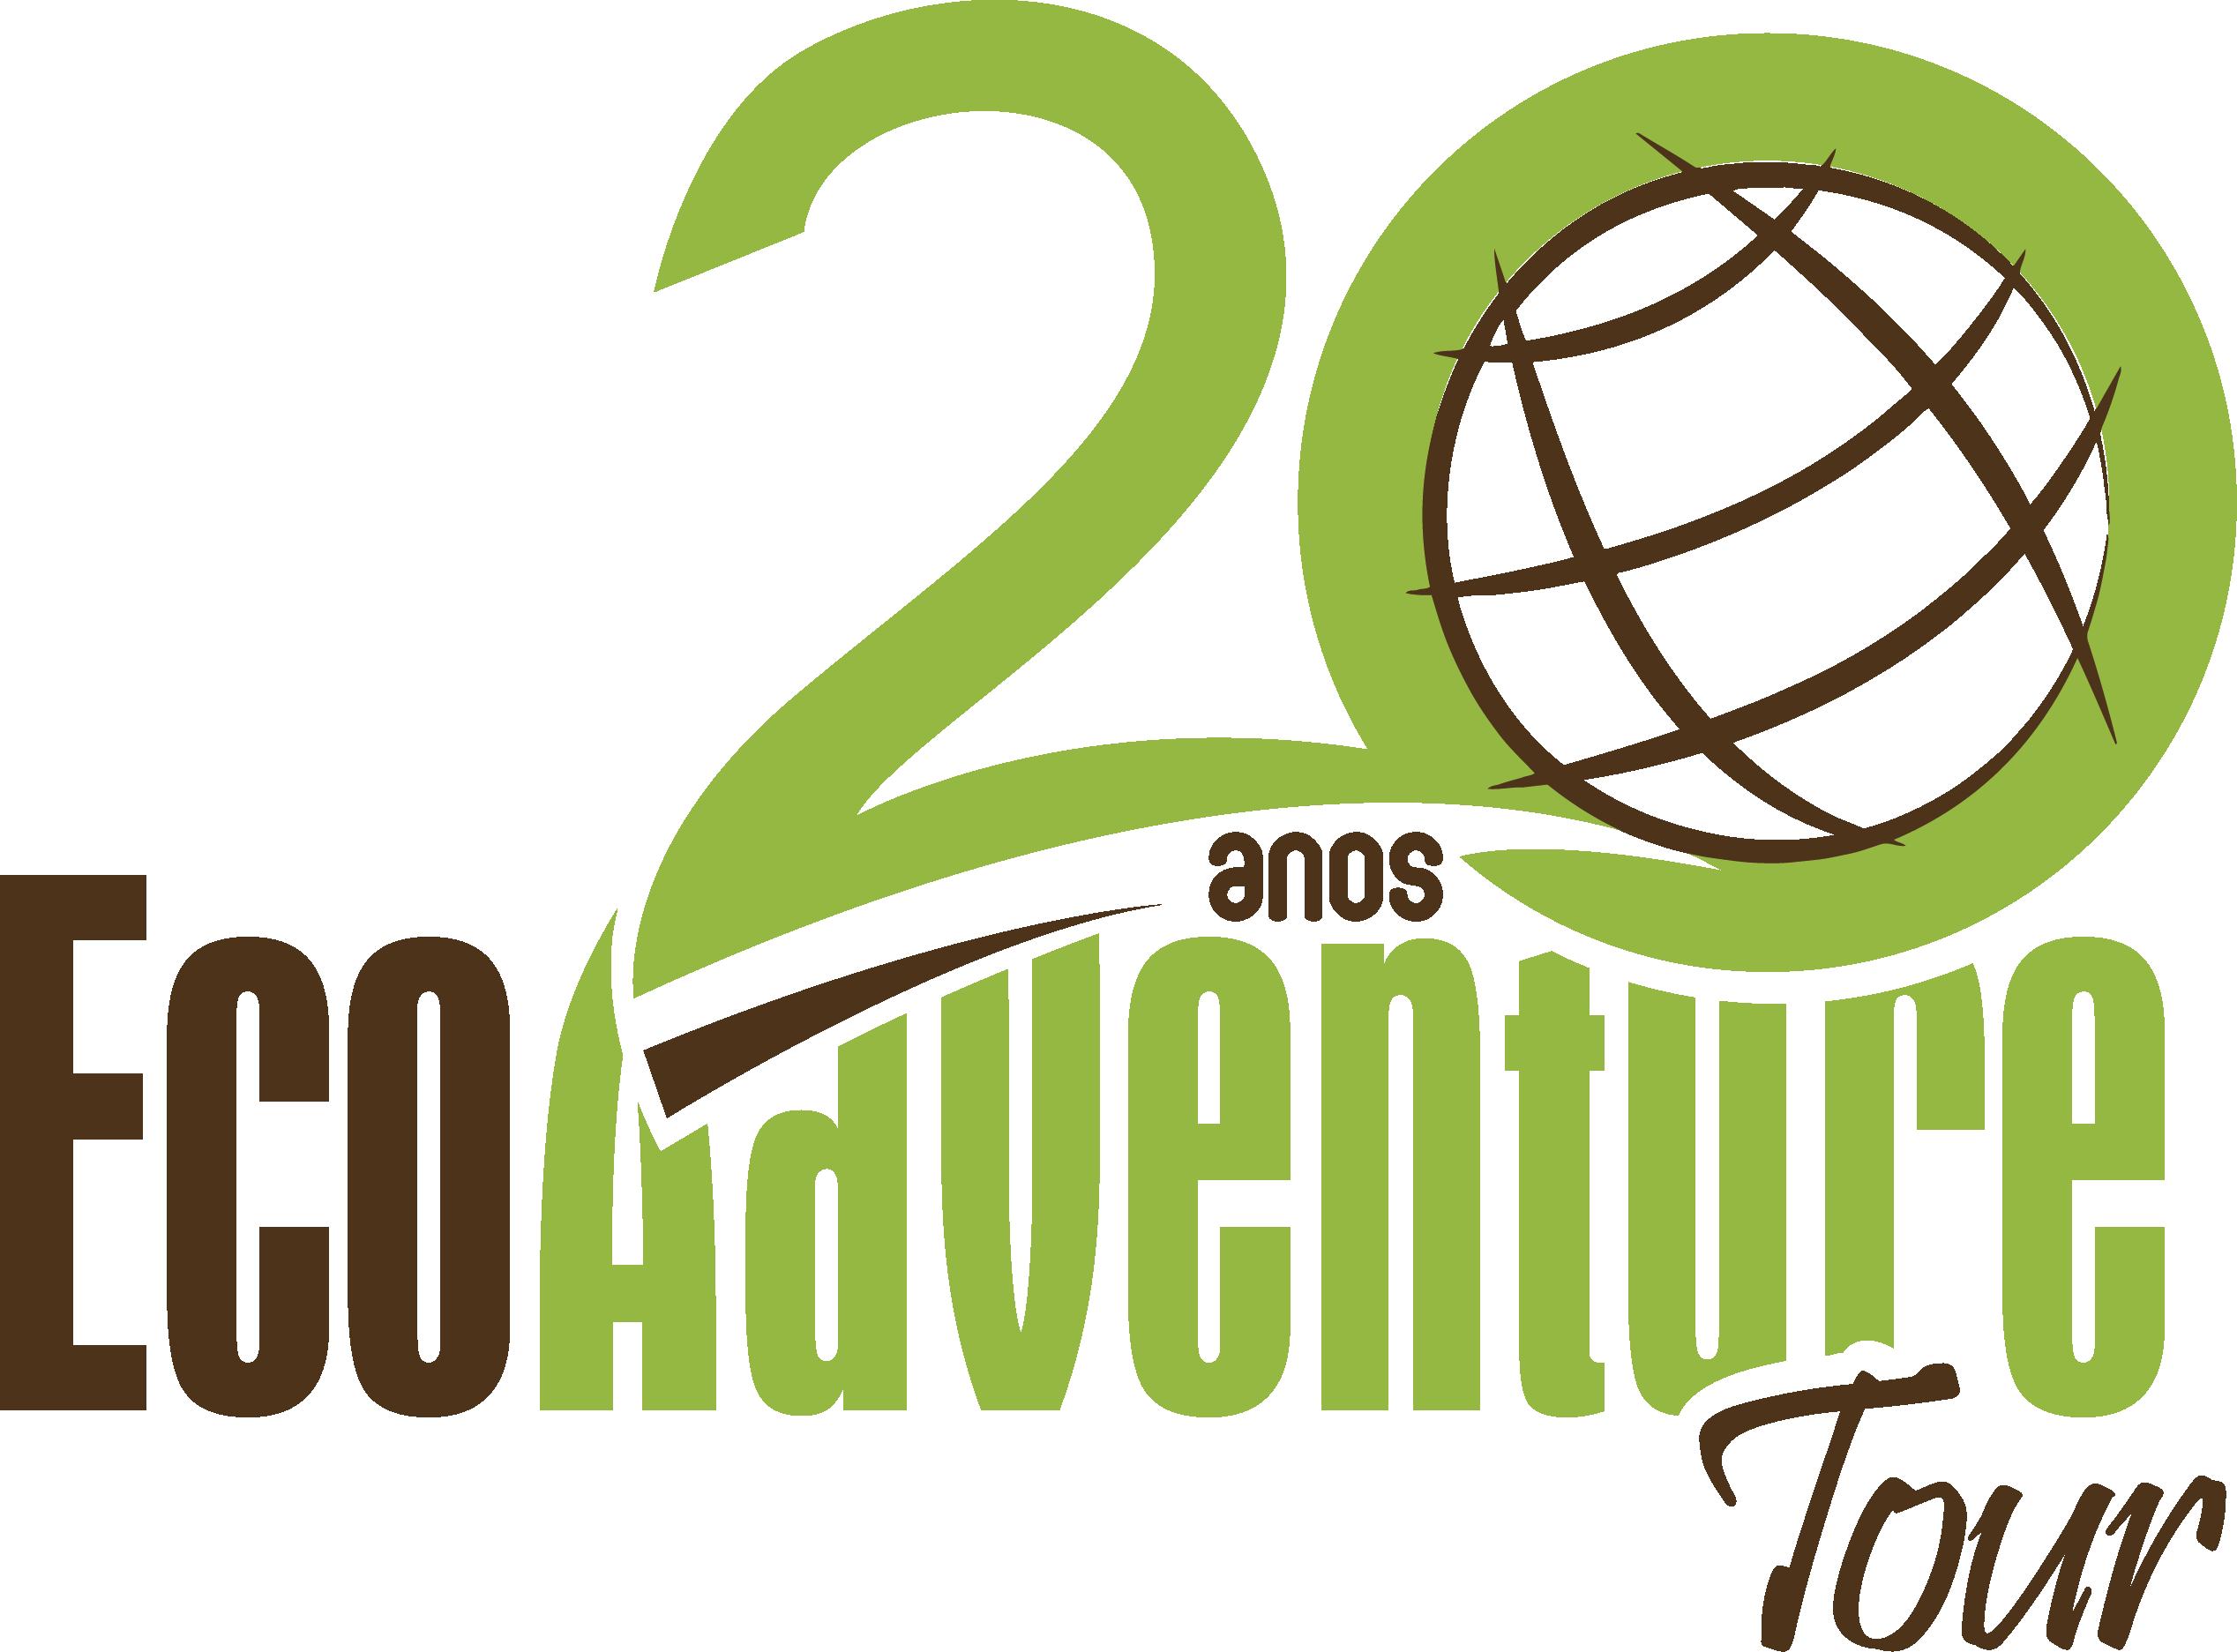 EcoAdventure Tour: 20 anos de atuação criando experiências marcantes